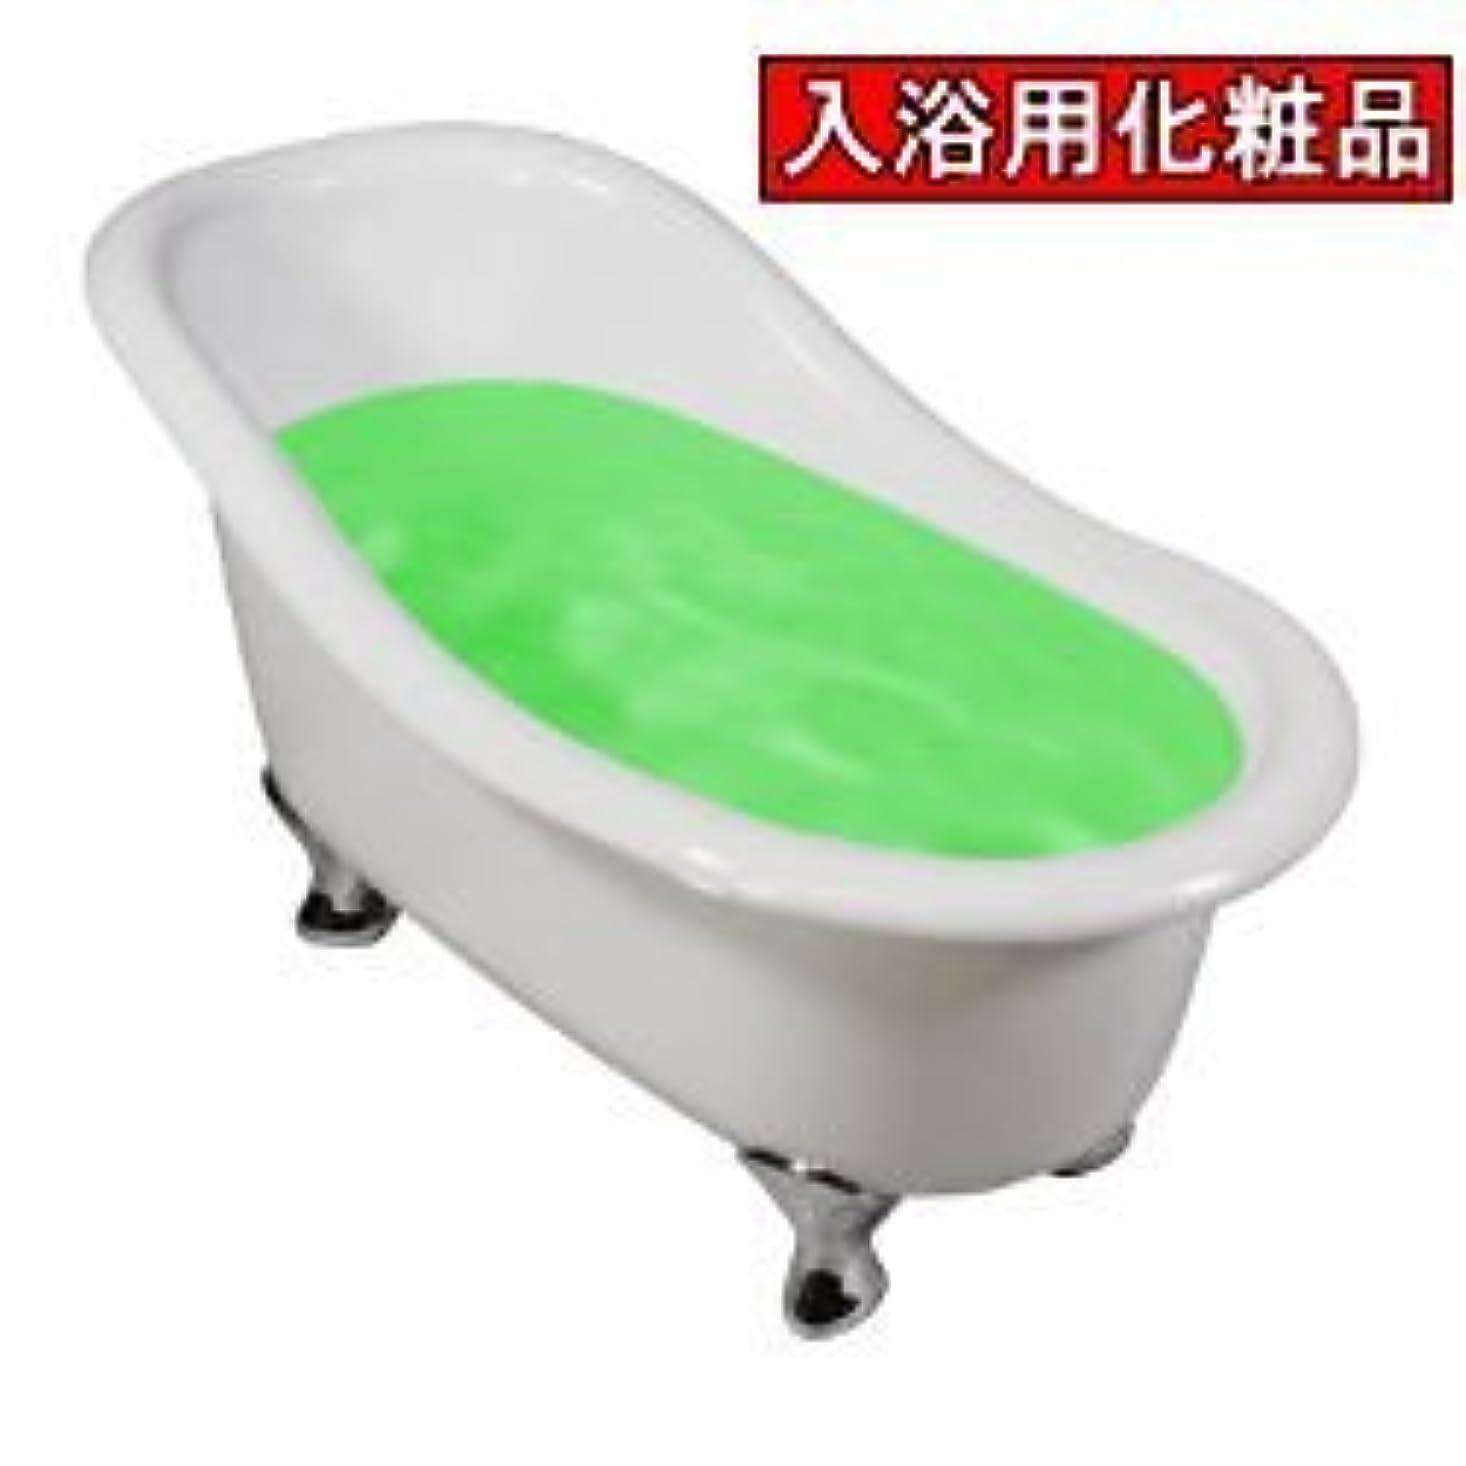 退屈な薄汚い注文業務用入浴剤イヴタス ヒアルロン酸 17kg 業務用サイズ